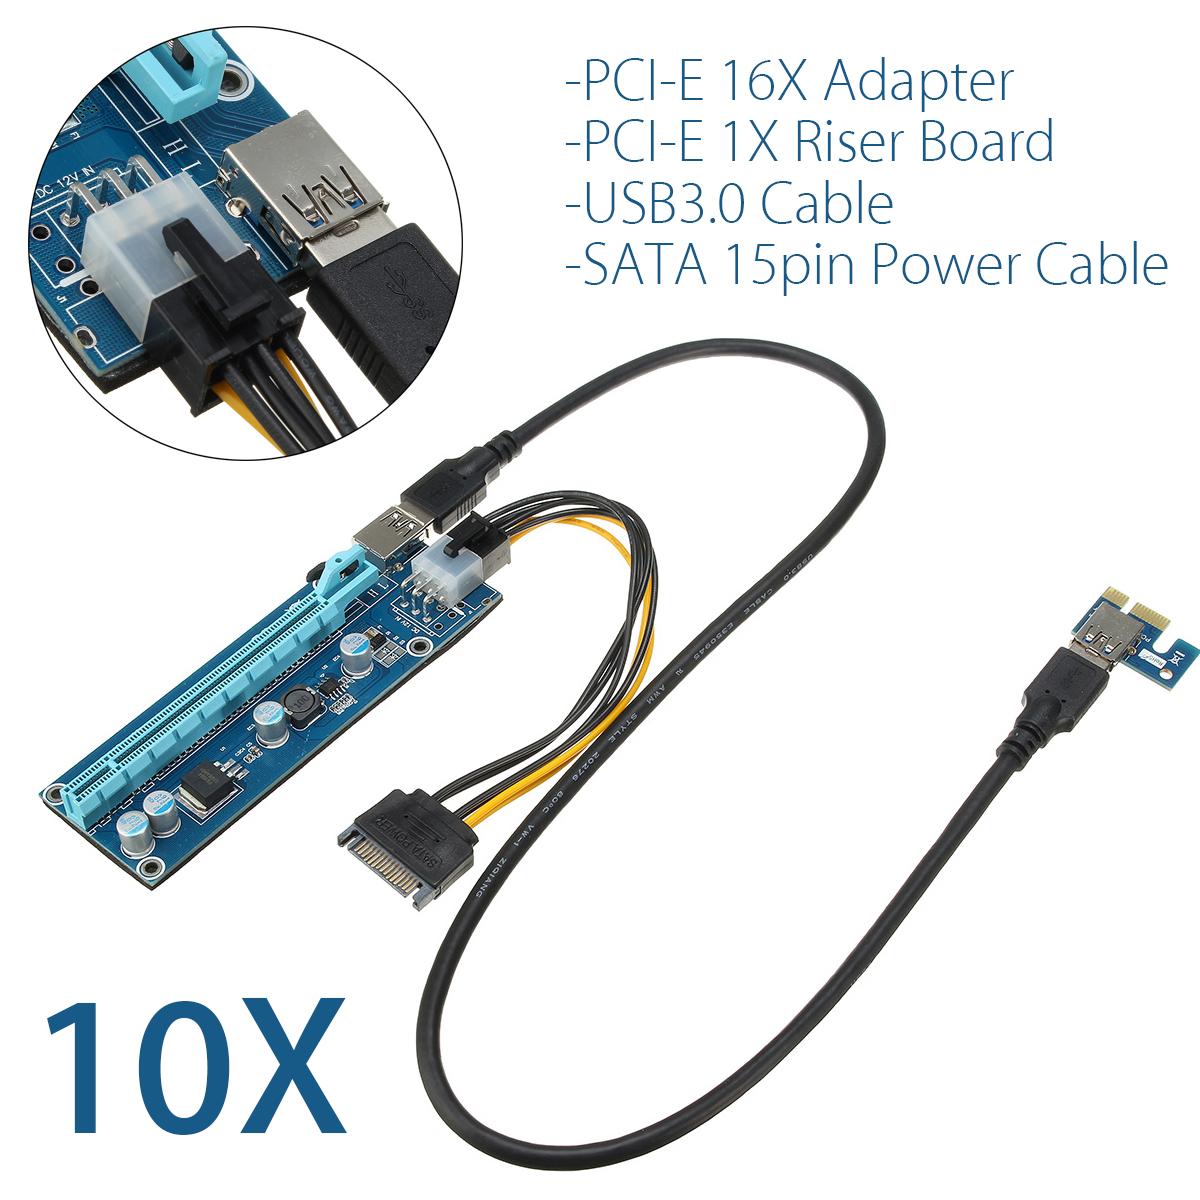 10set USB 3.0 PCI-E Express 1x to 16x Extender Riser Card Adapter Mining Bitcoin